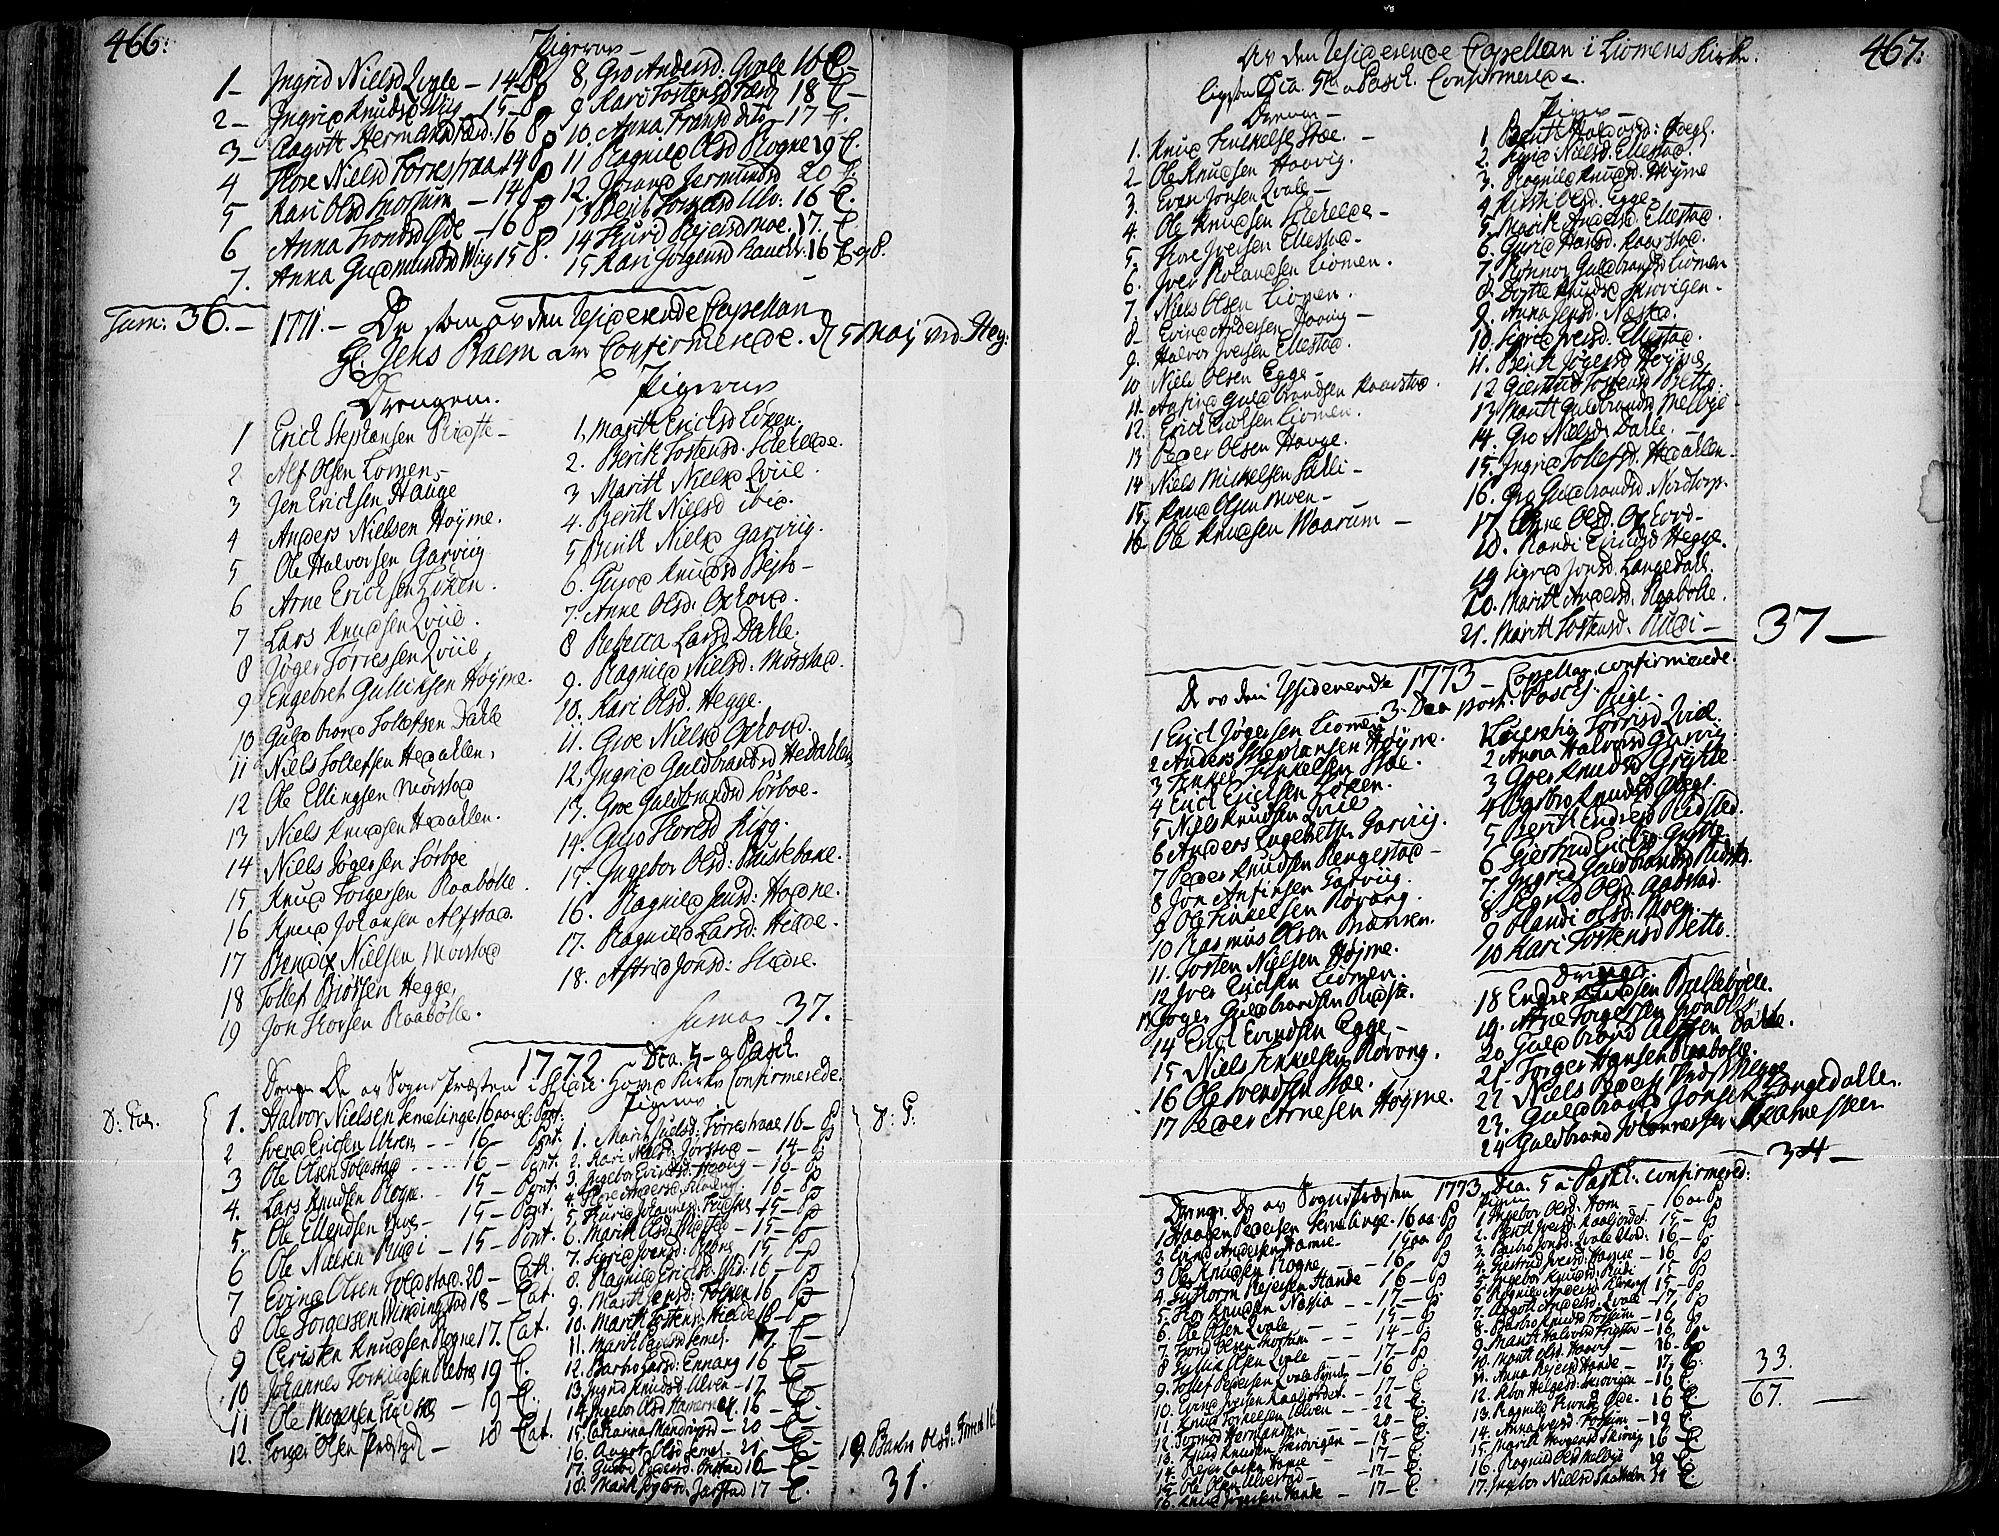 SAH, Slidre prestekontor, Ministerialbok nr. 1, 1724-1814, s. 466-467